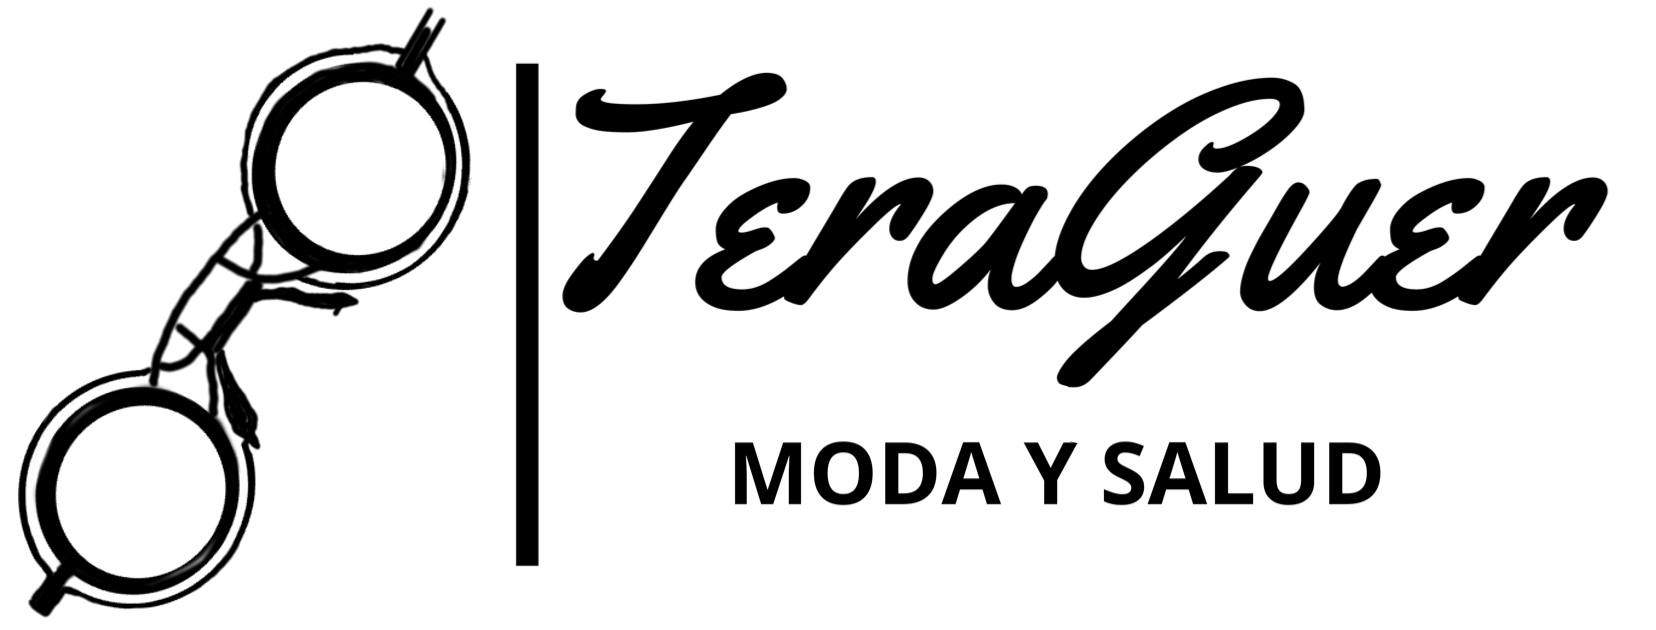 TERAGUER - Tienda en linea de Gafas y Lentes